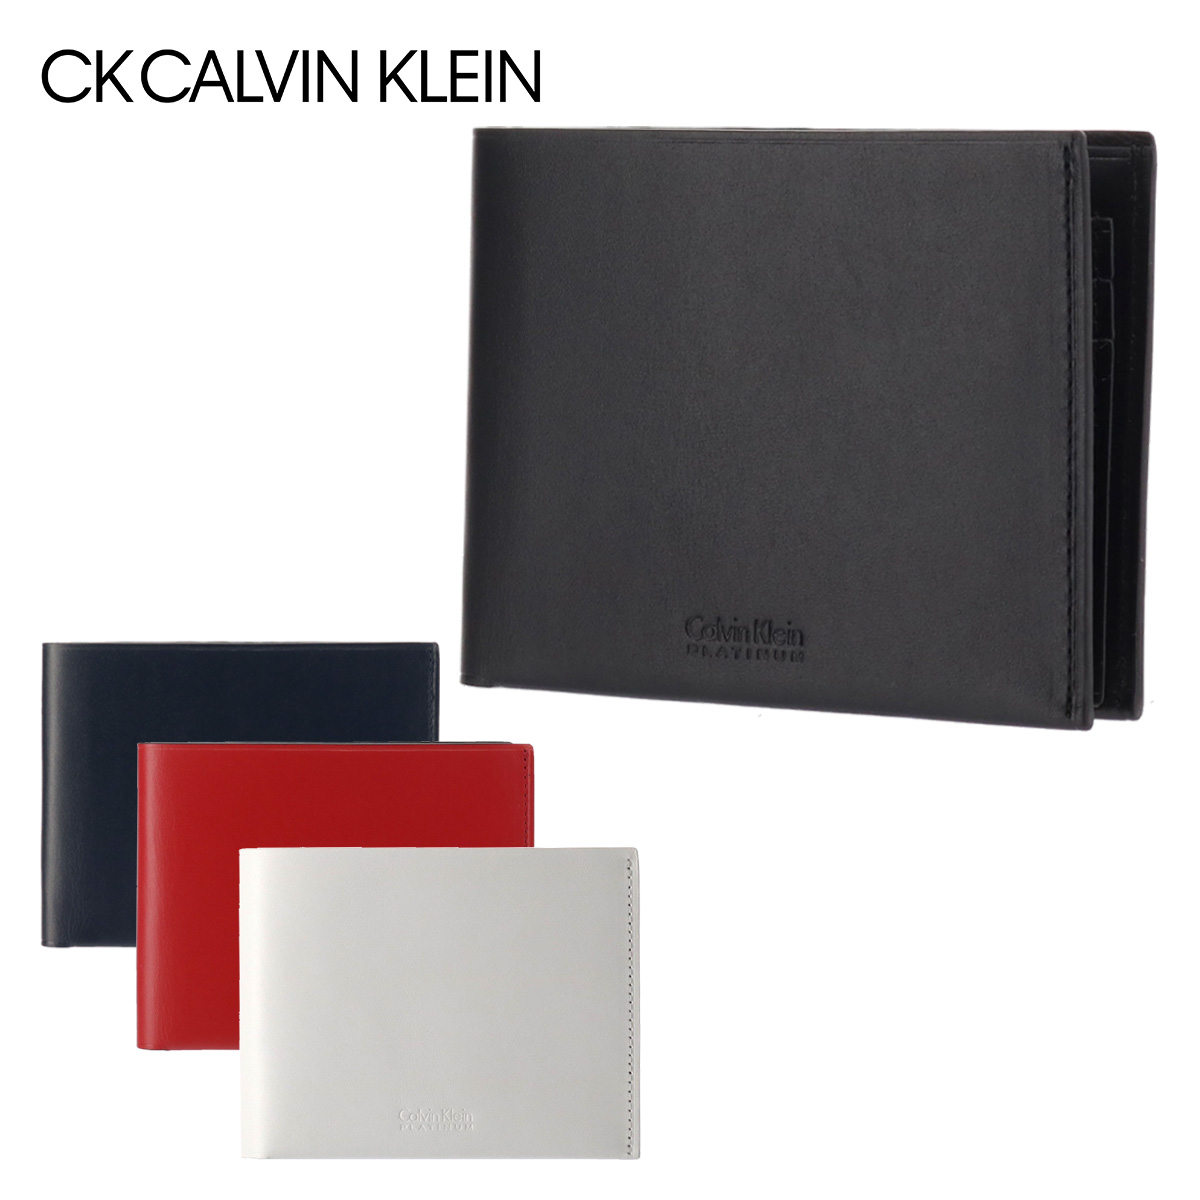 シーケーカルバンクライン 財布 二つ折り 薄型 メンズ フォーカス 852603 CK CALVIN KLEIN 本革 レザー [PO5][bef]